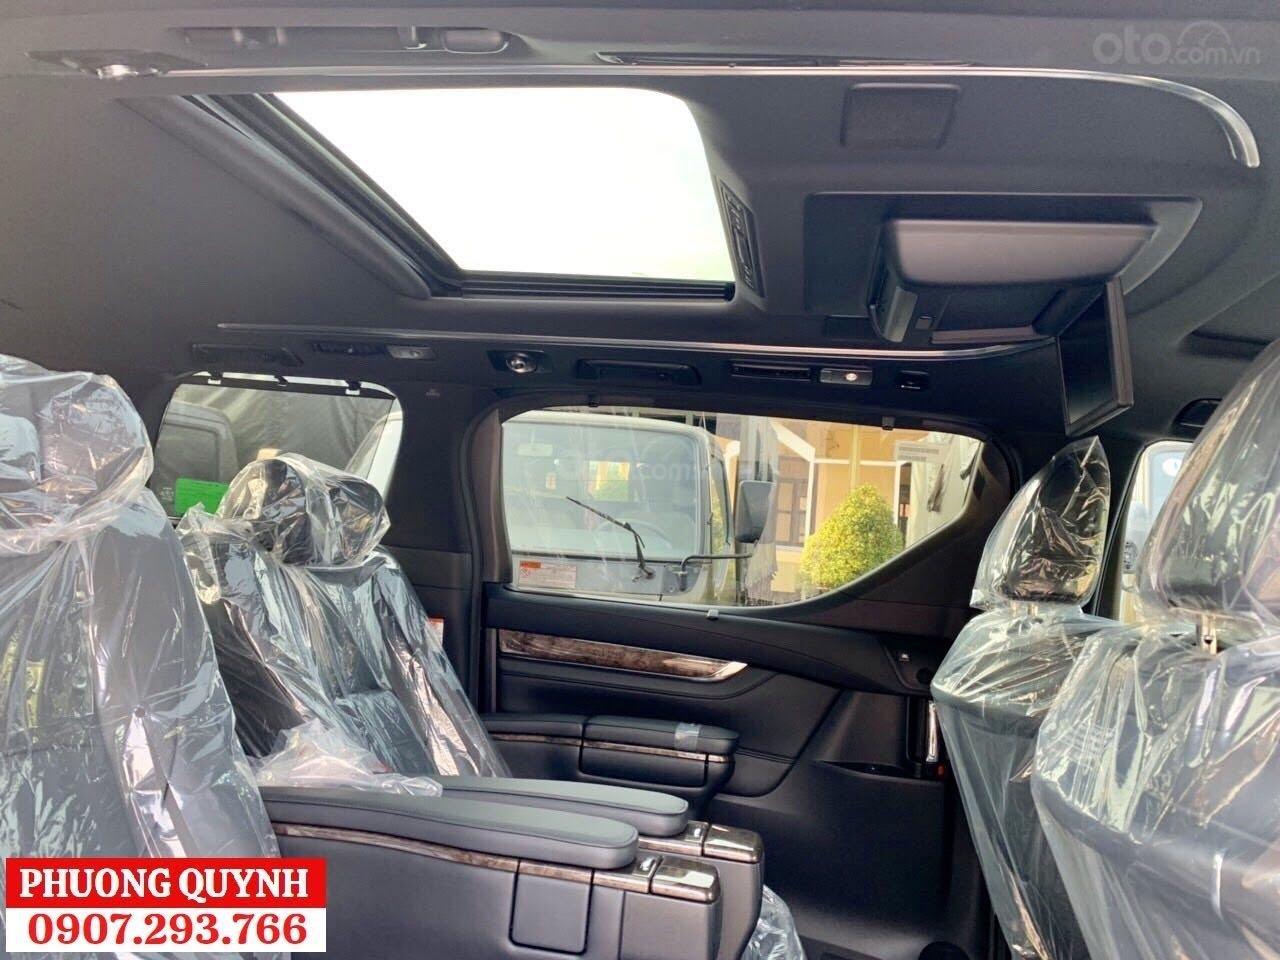 Toyota Alphard - Chuyên cơ mặt đất - đẳng cấp thương gia (5)